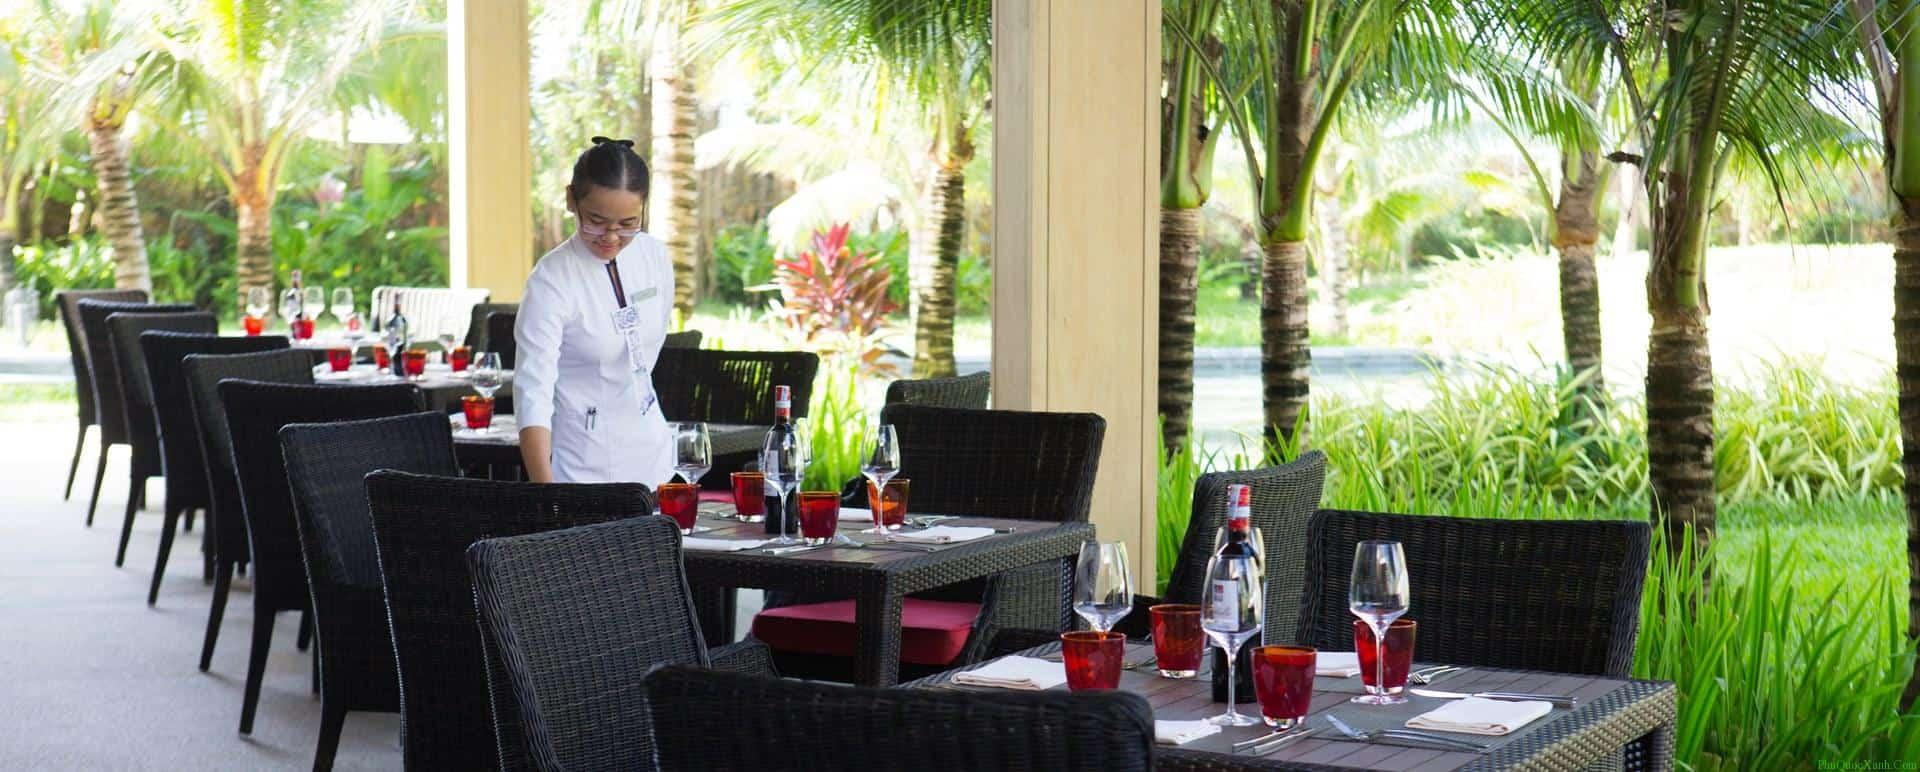 phuquoc-hotel-salinda-restaurant